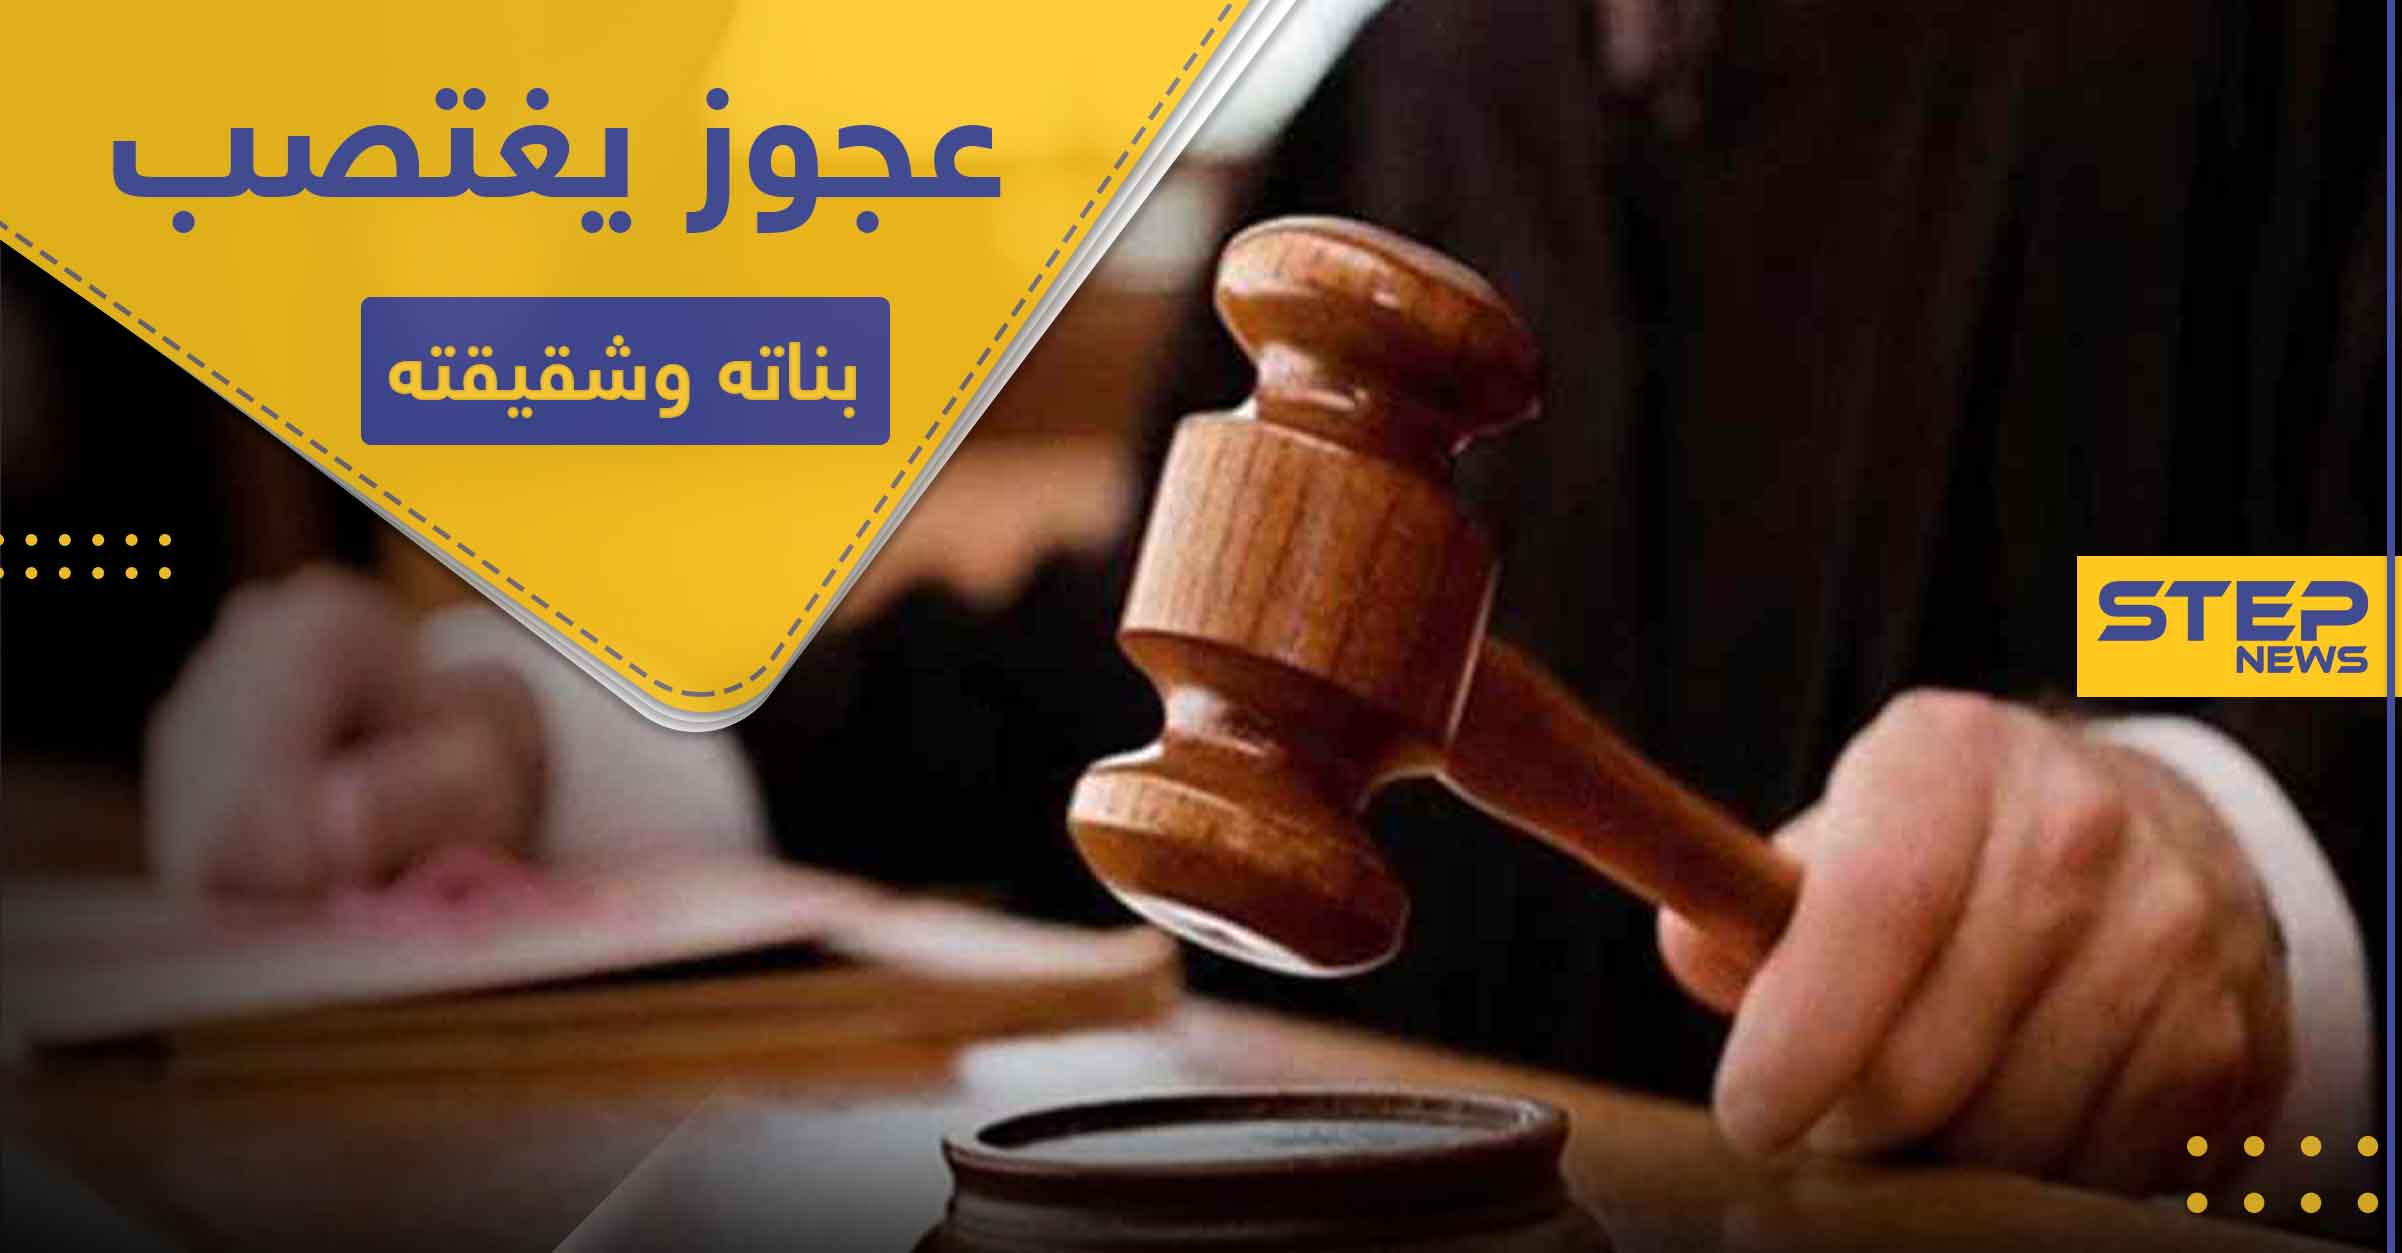 """الحكم على سبعيني اعتدى """"جنسياً"""" على 7 من بناته وشقيقته لمدة ربع قرن"""